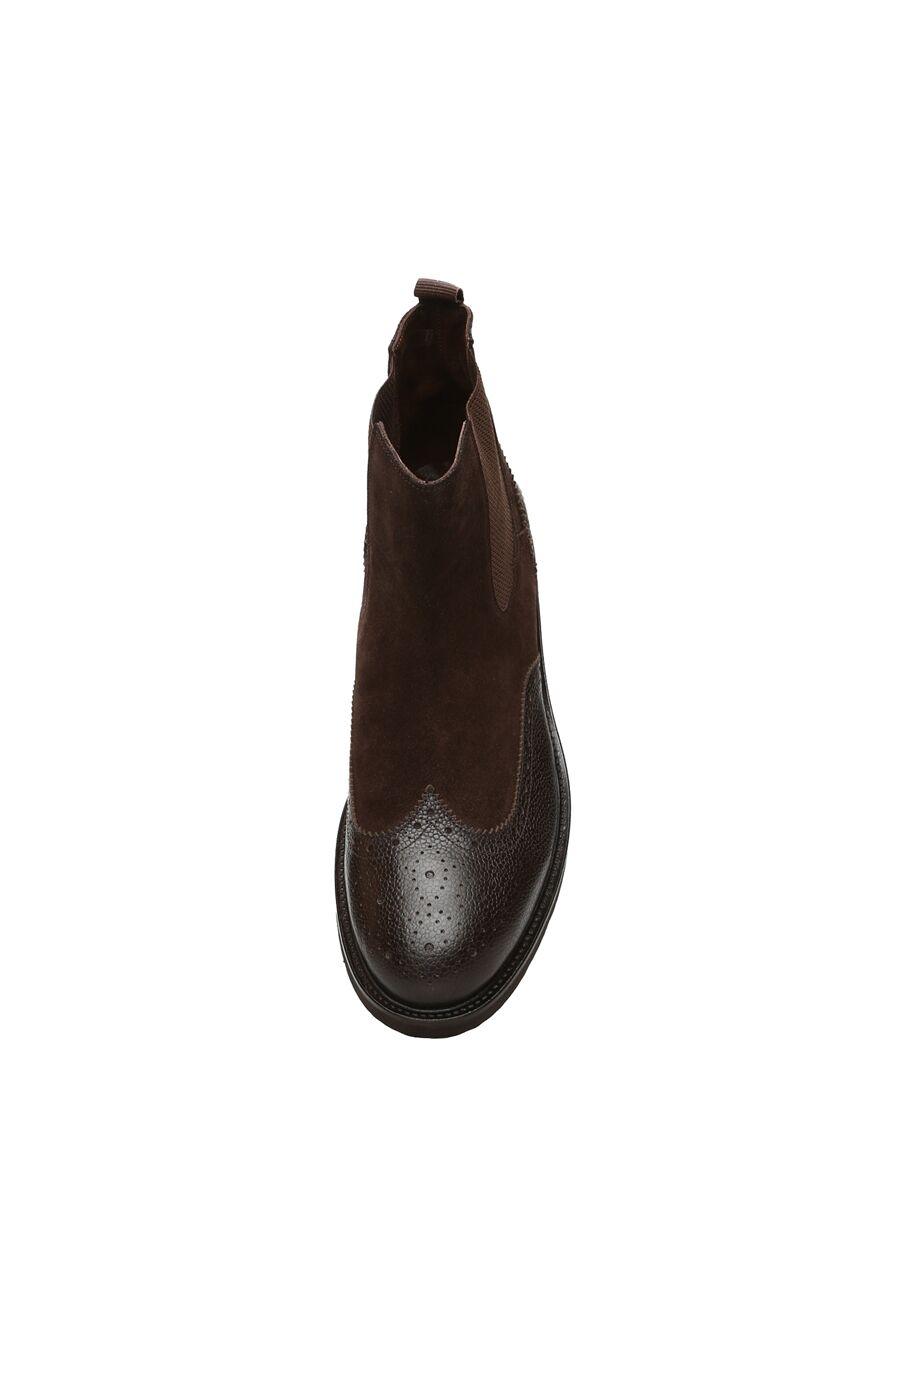 Zımbalı Kahverengi Süet Erkek Bot